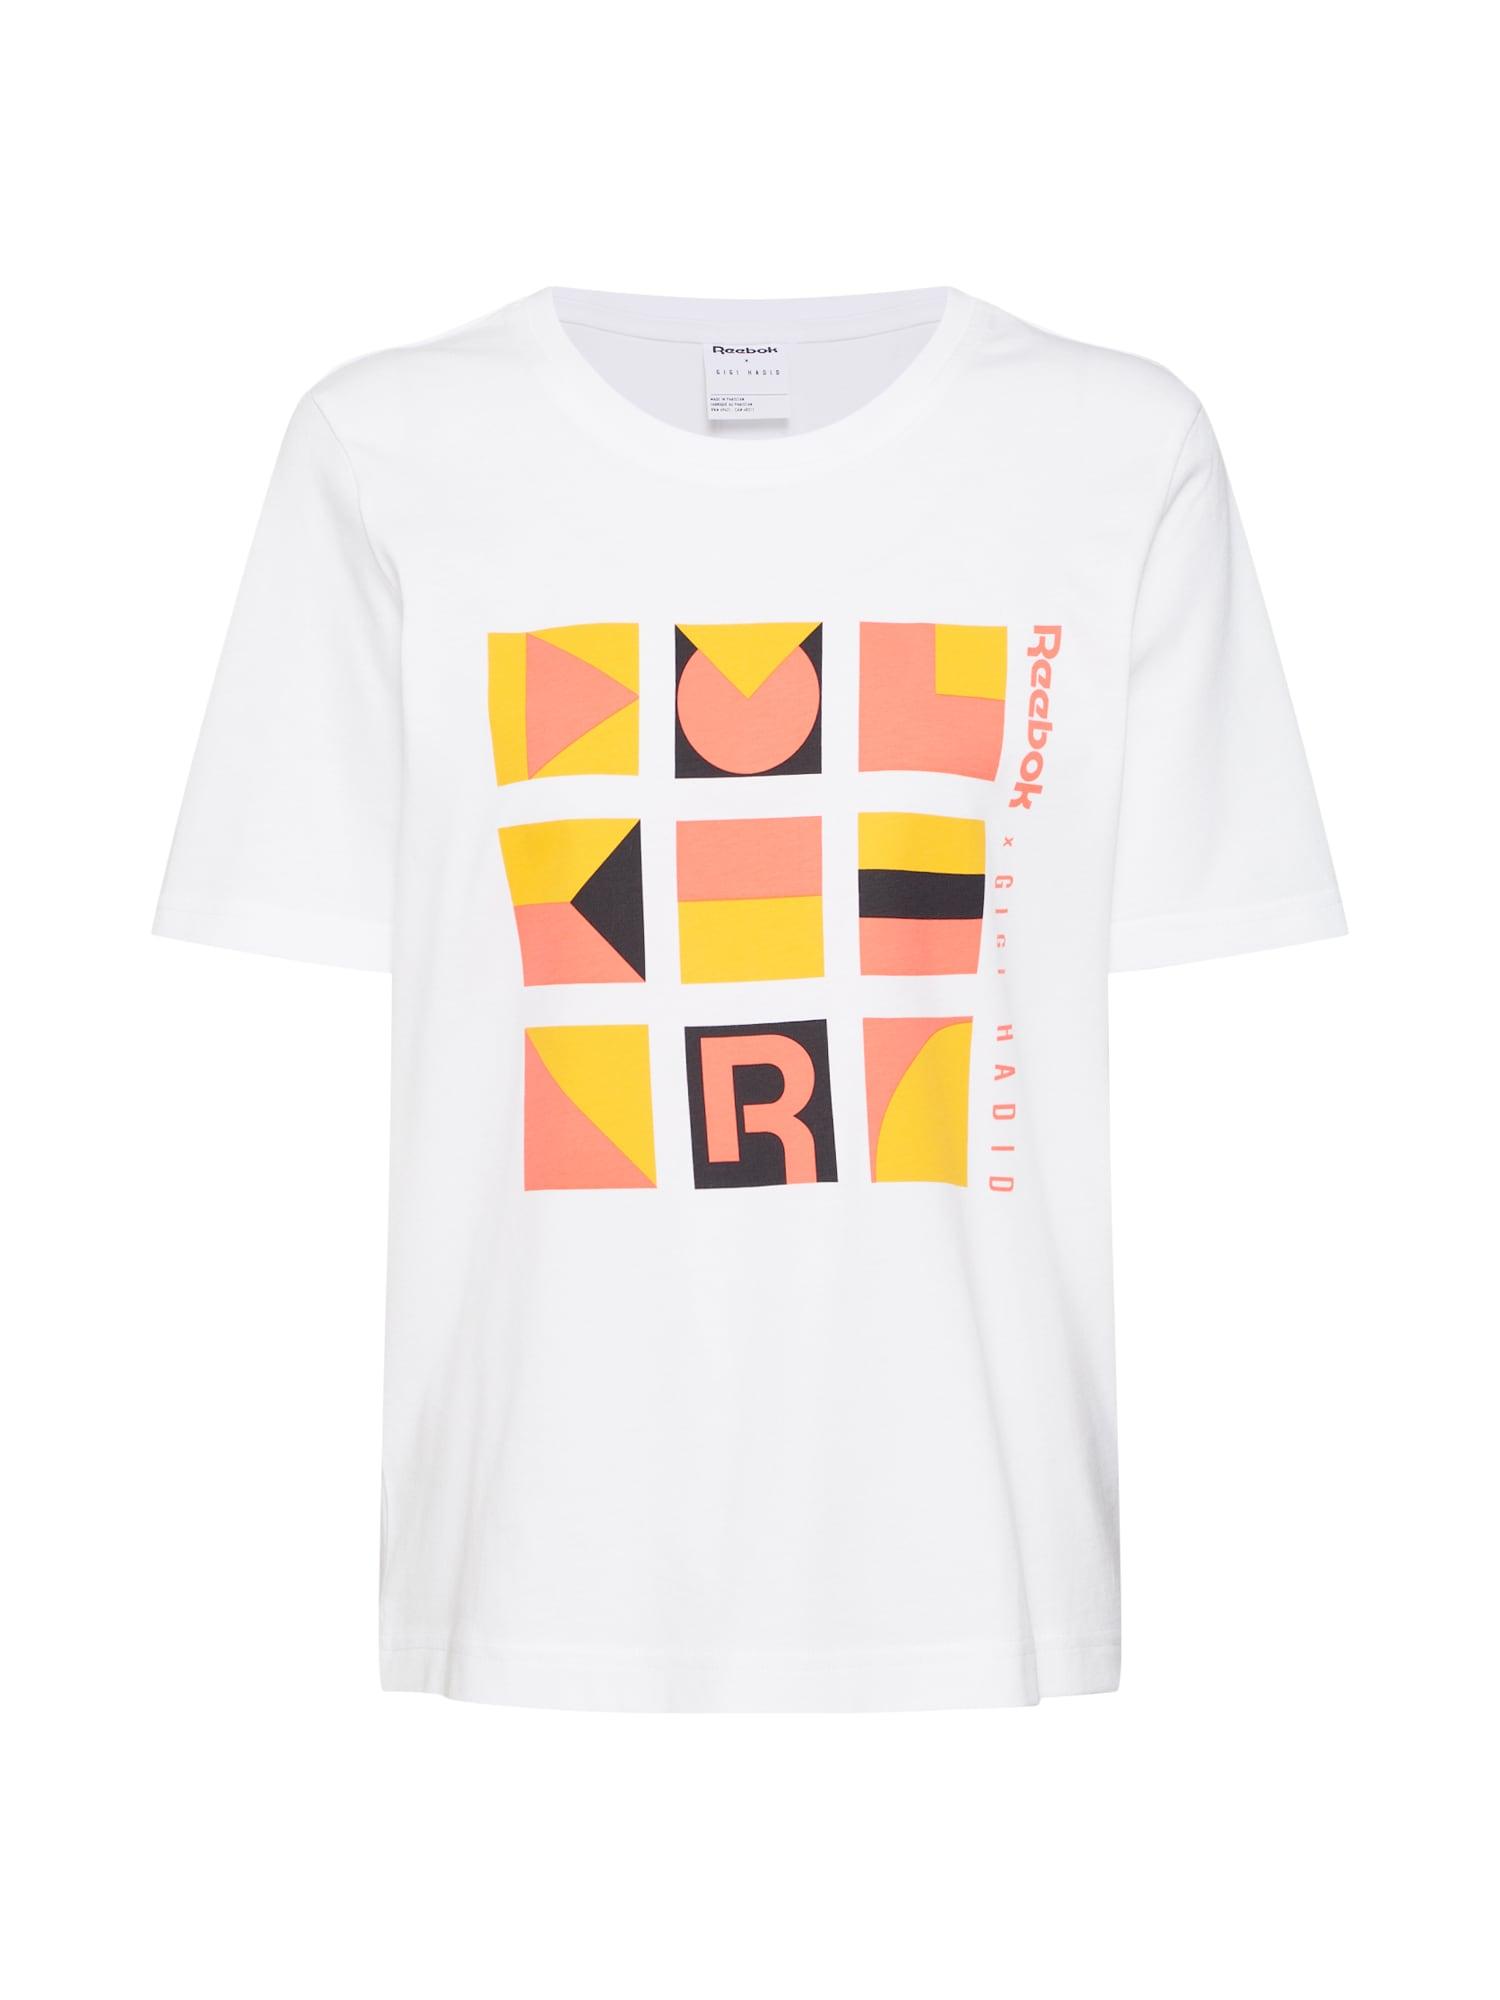 Tričko Gigi oranžová pastelově oranžová černá bílá Reebok Classic